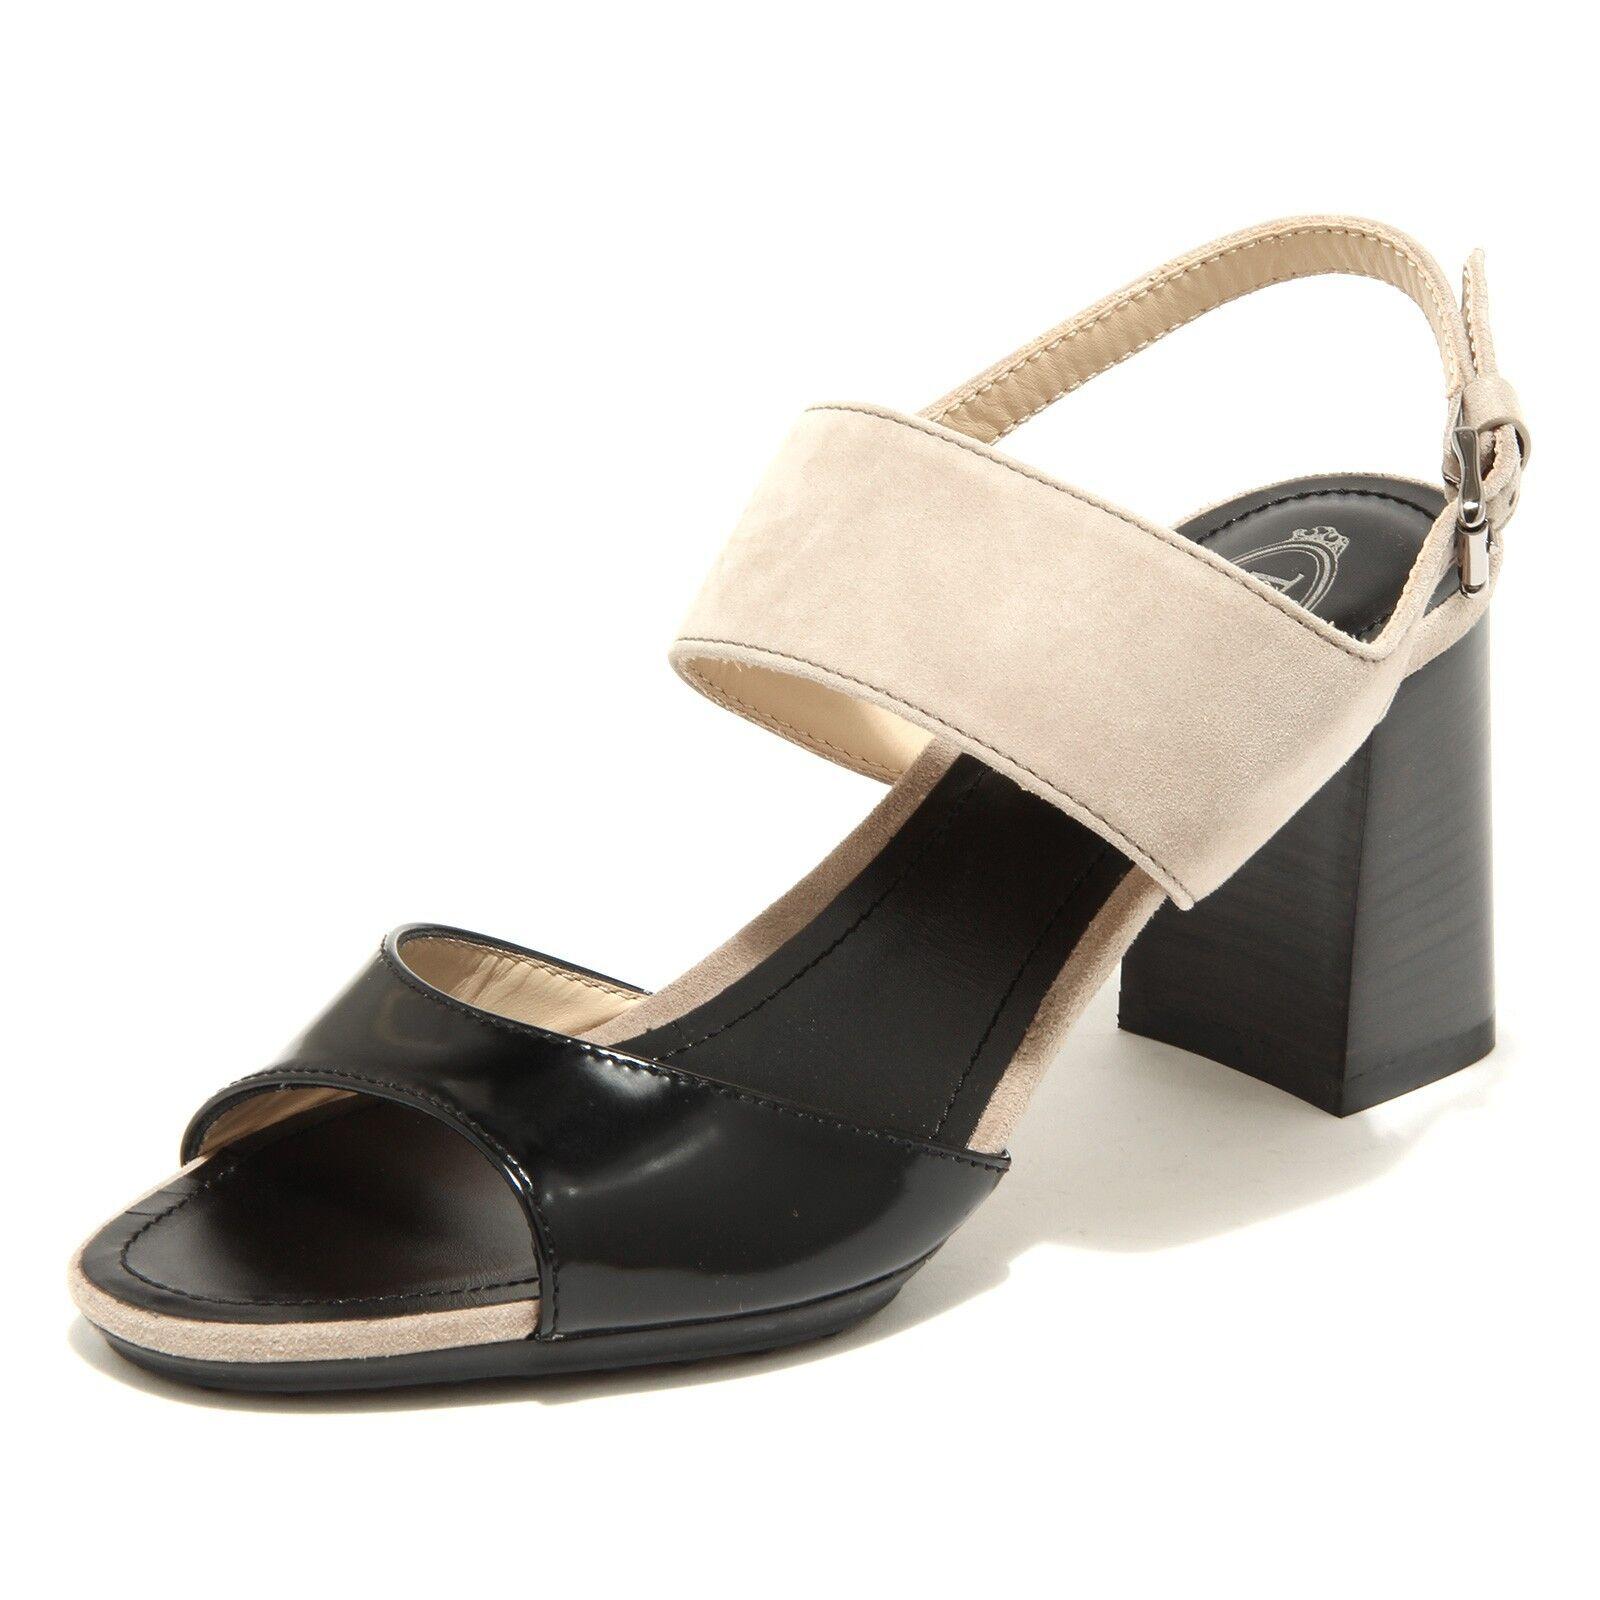 varie dimensioni 15752 15752 15752 sandalo TODS scarpe donna scarpe donna  seleziona tra le nuove marche come